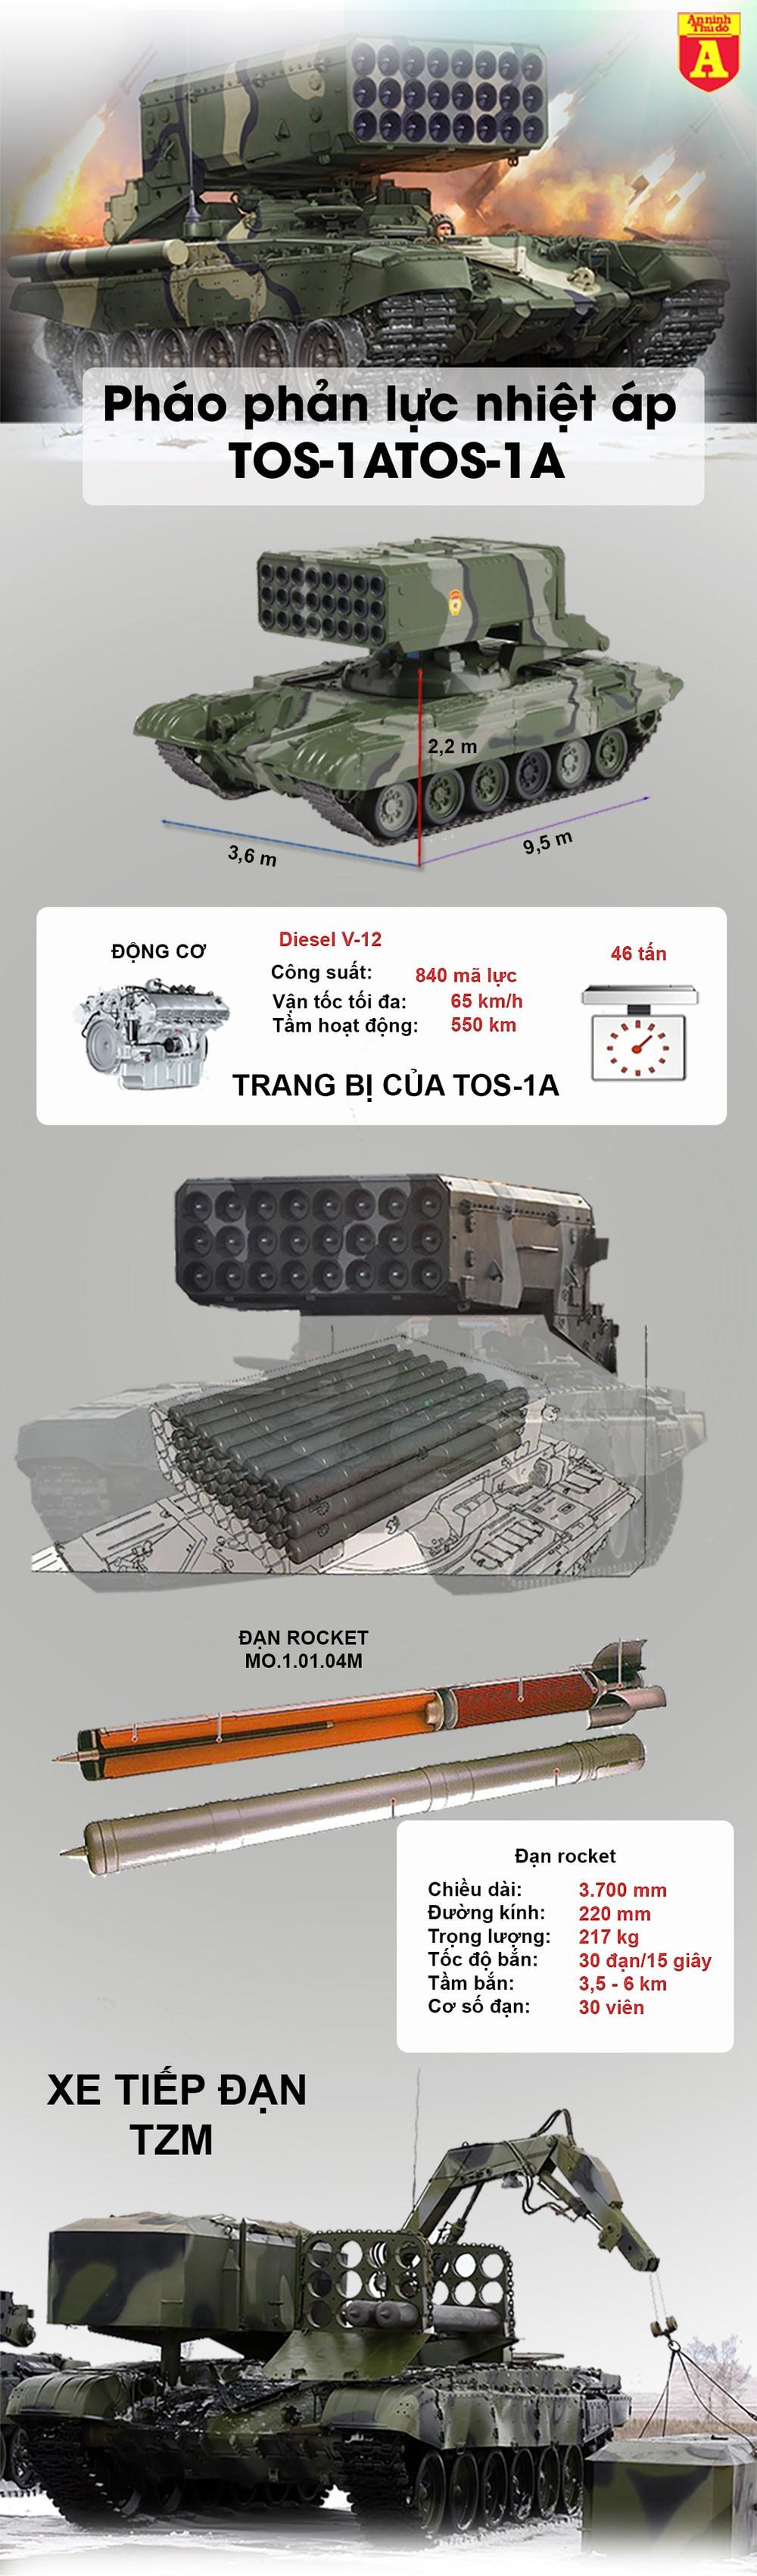 [Info] Chuyển vũ khí mạnh sau bom hạt nhân cho Syria, Nga quyết 'nhổ cỏ tận gốc' phiến quân? ảnh 2